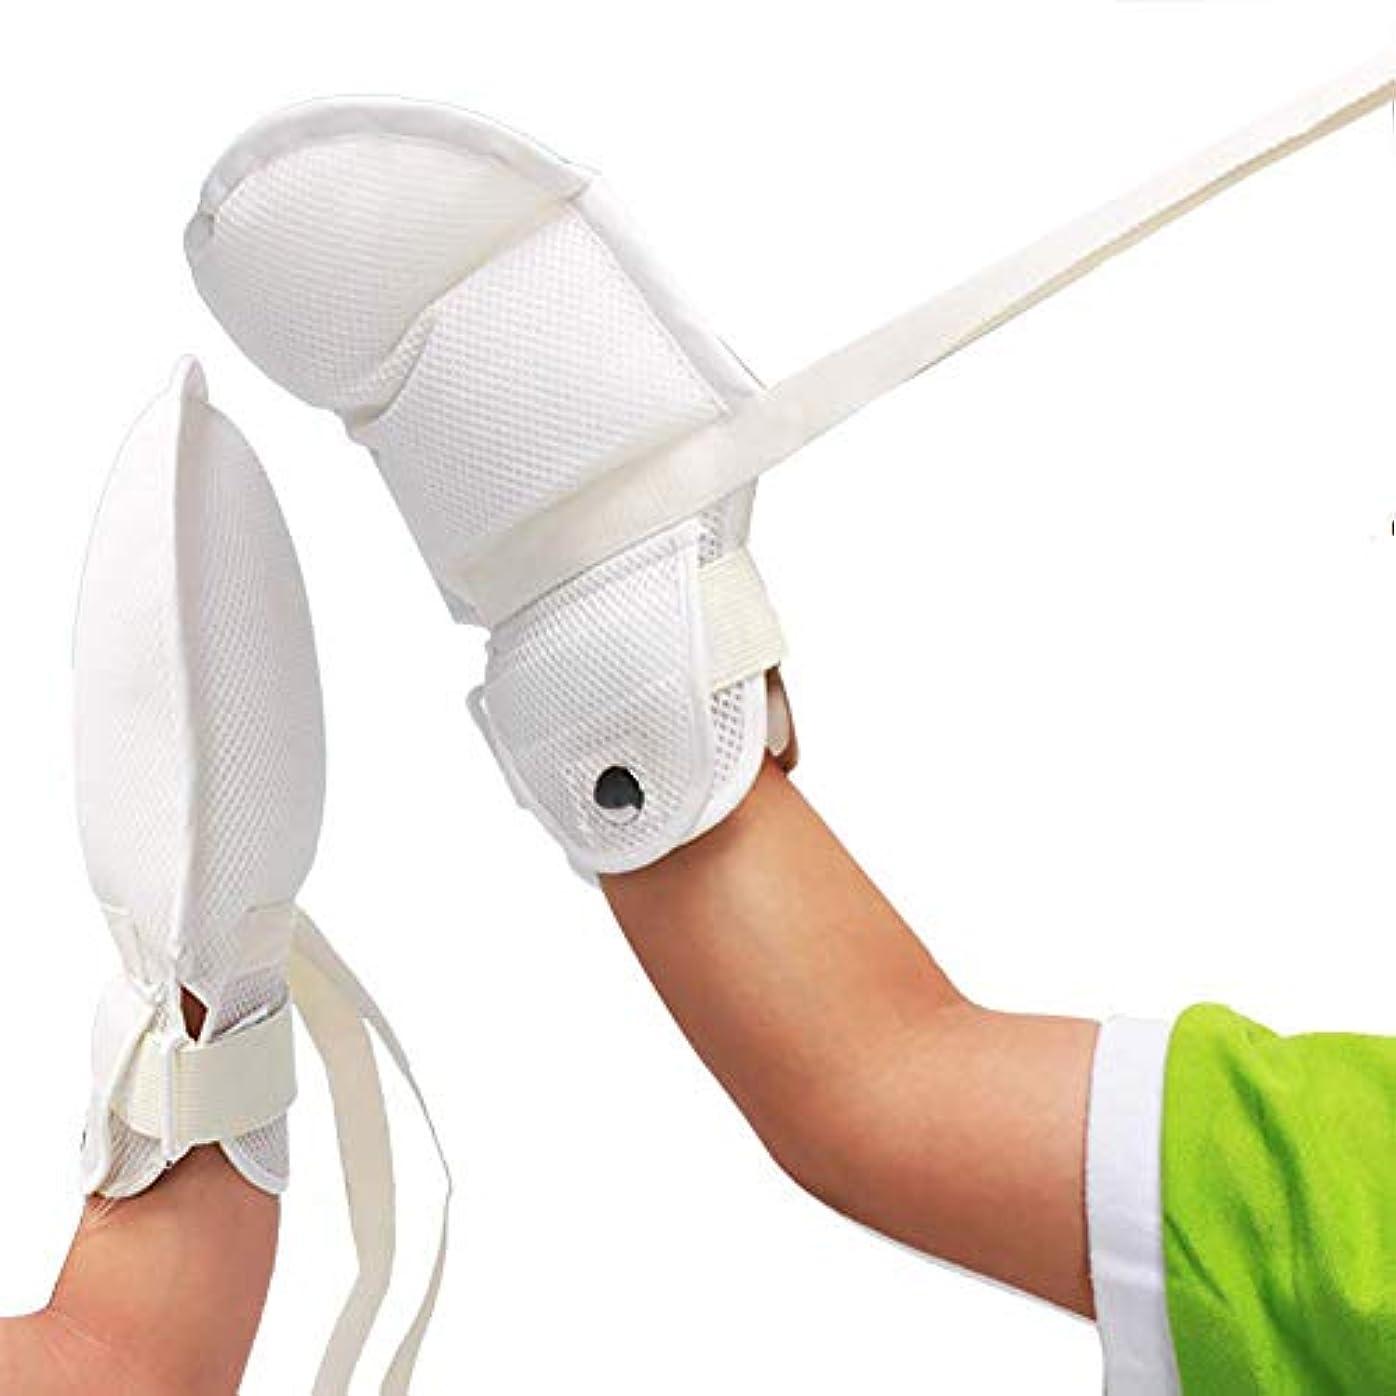 待って不機嫌そうなプーノ厚く暖かいフィンガーコントロールミット、手に感染した保護パッドグローブ、安全制限付きグローブ、安全で普遍的な成人向けの指の負傷の固定グローブ (2PCS)